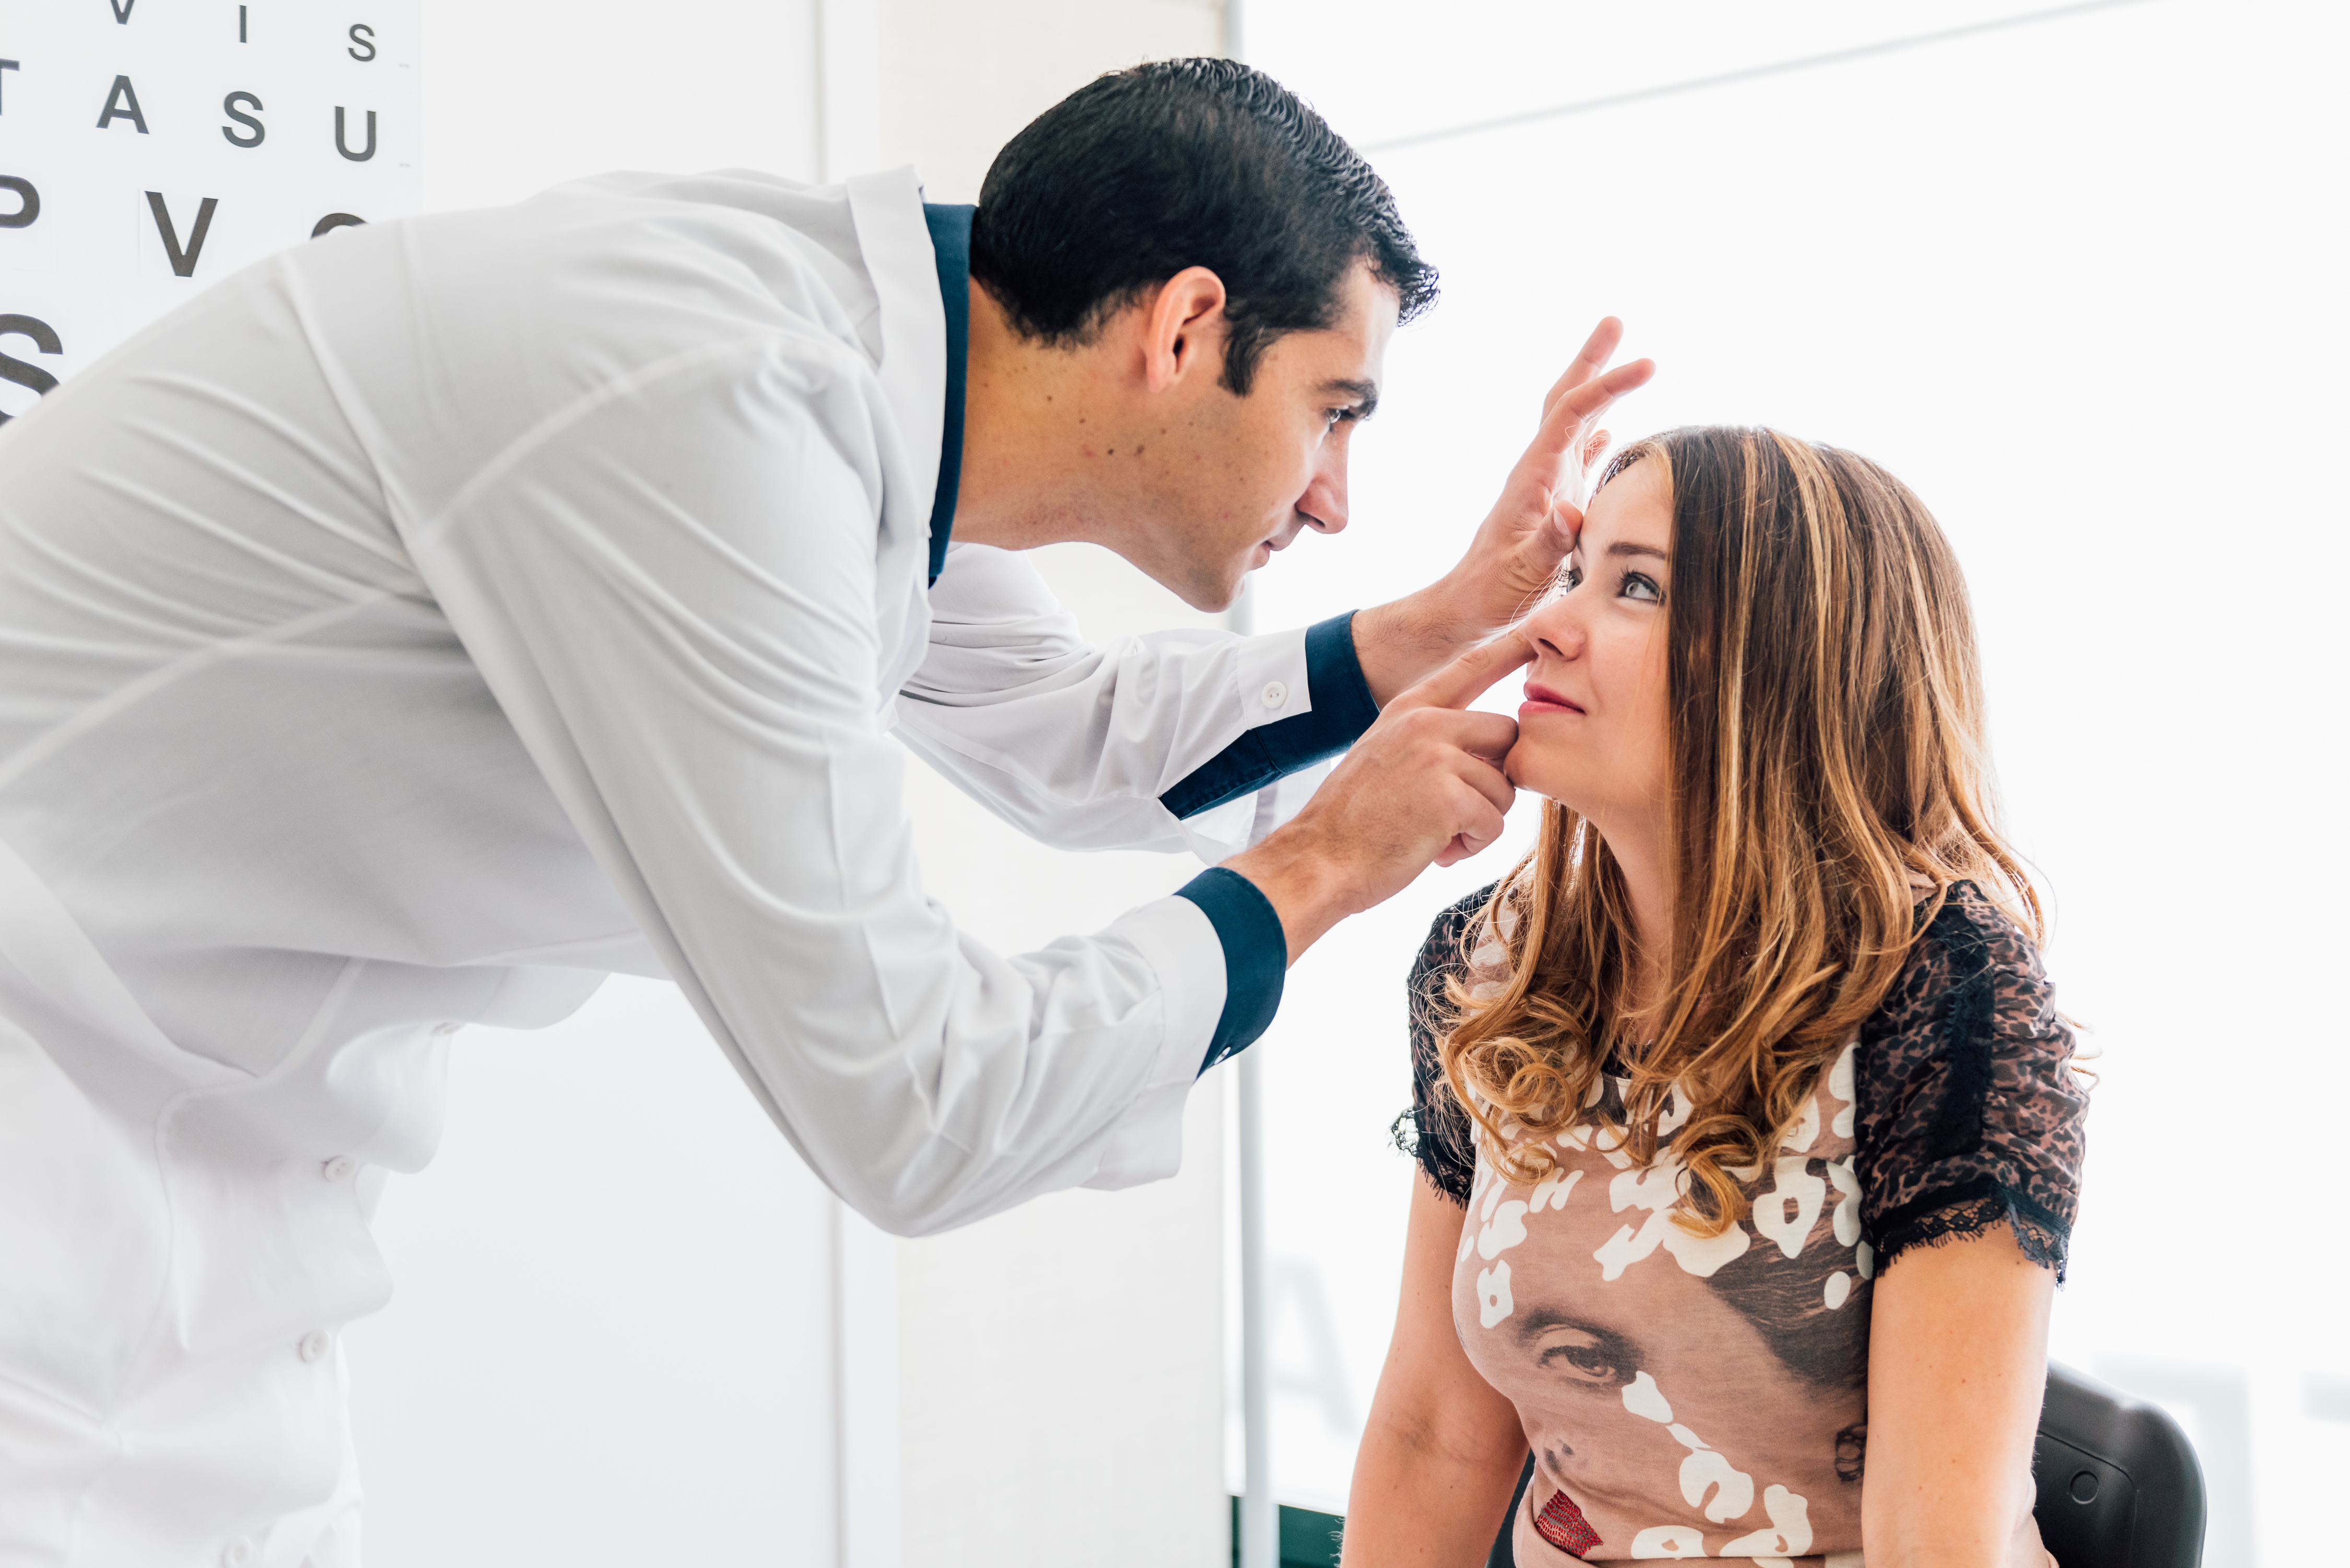 Anterior Uveitis: Symptoms, Causes & Diagnosis